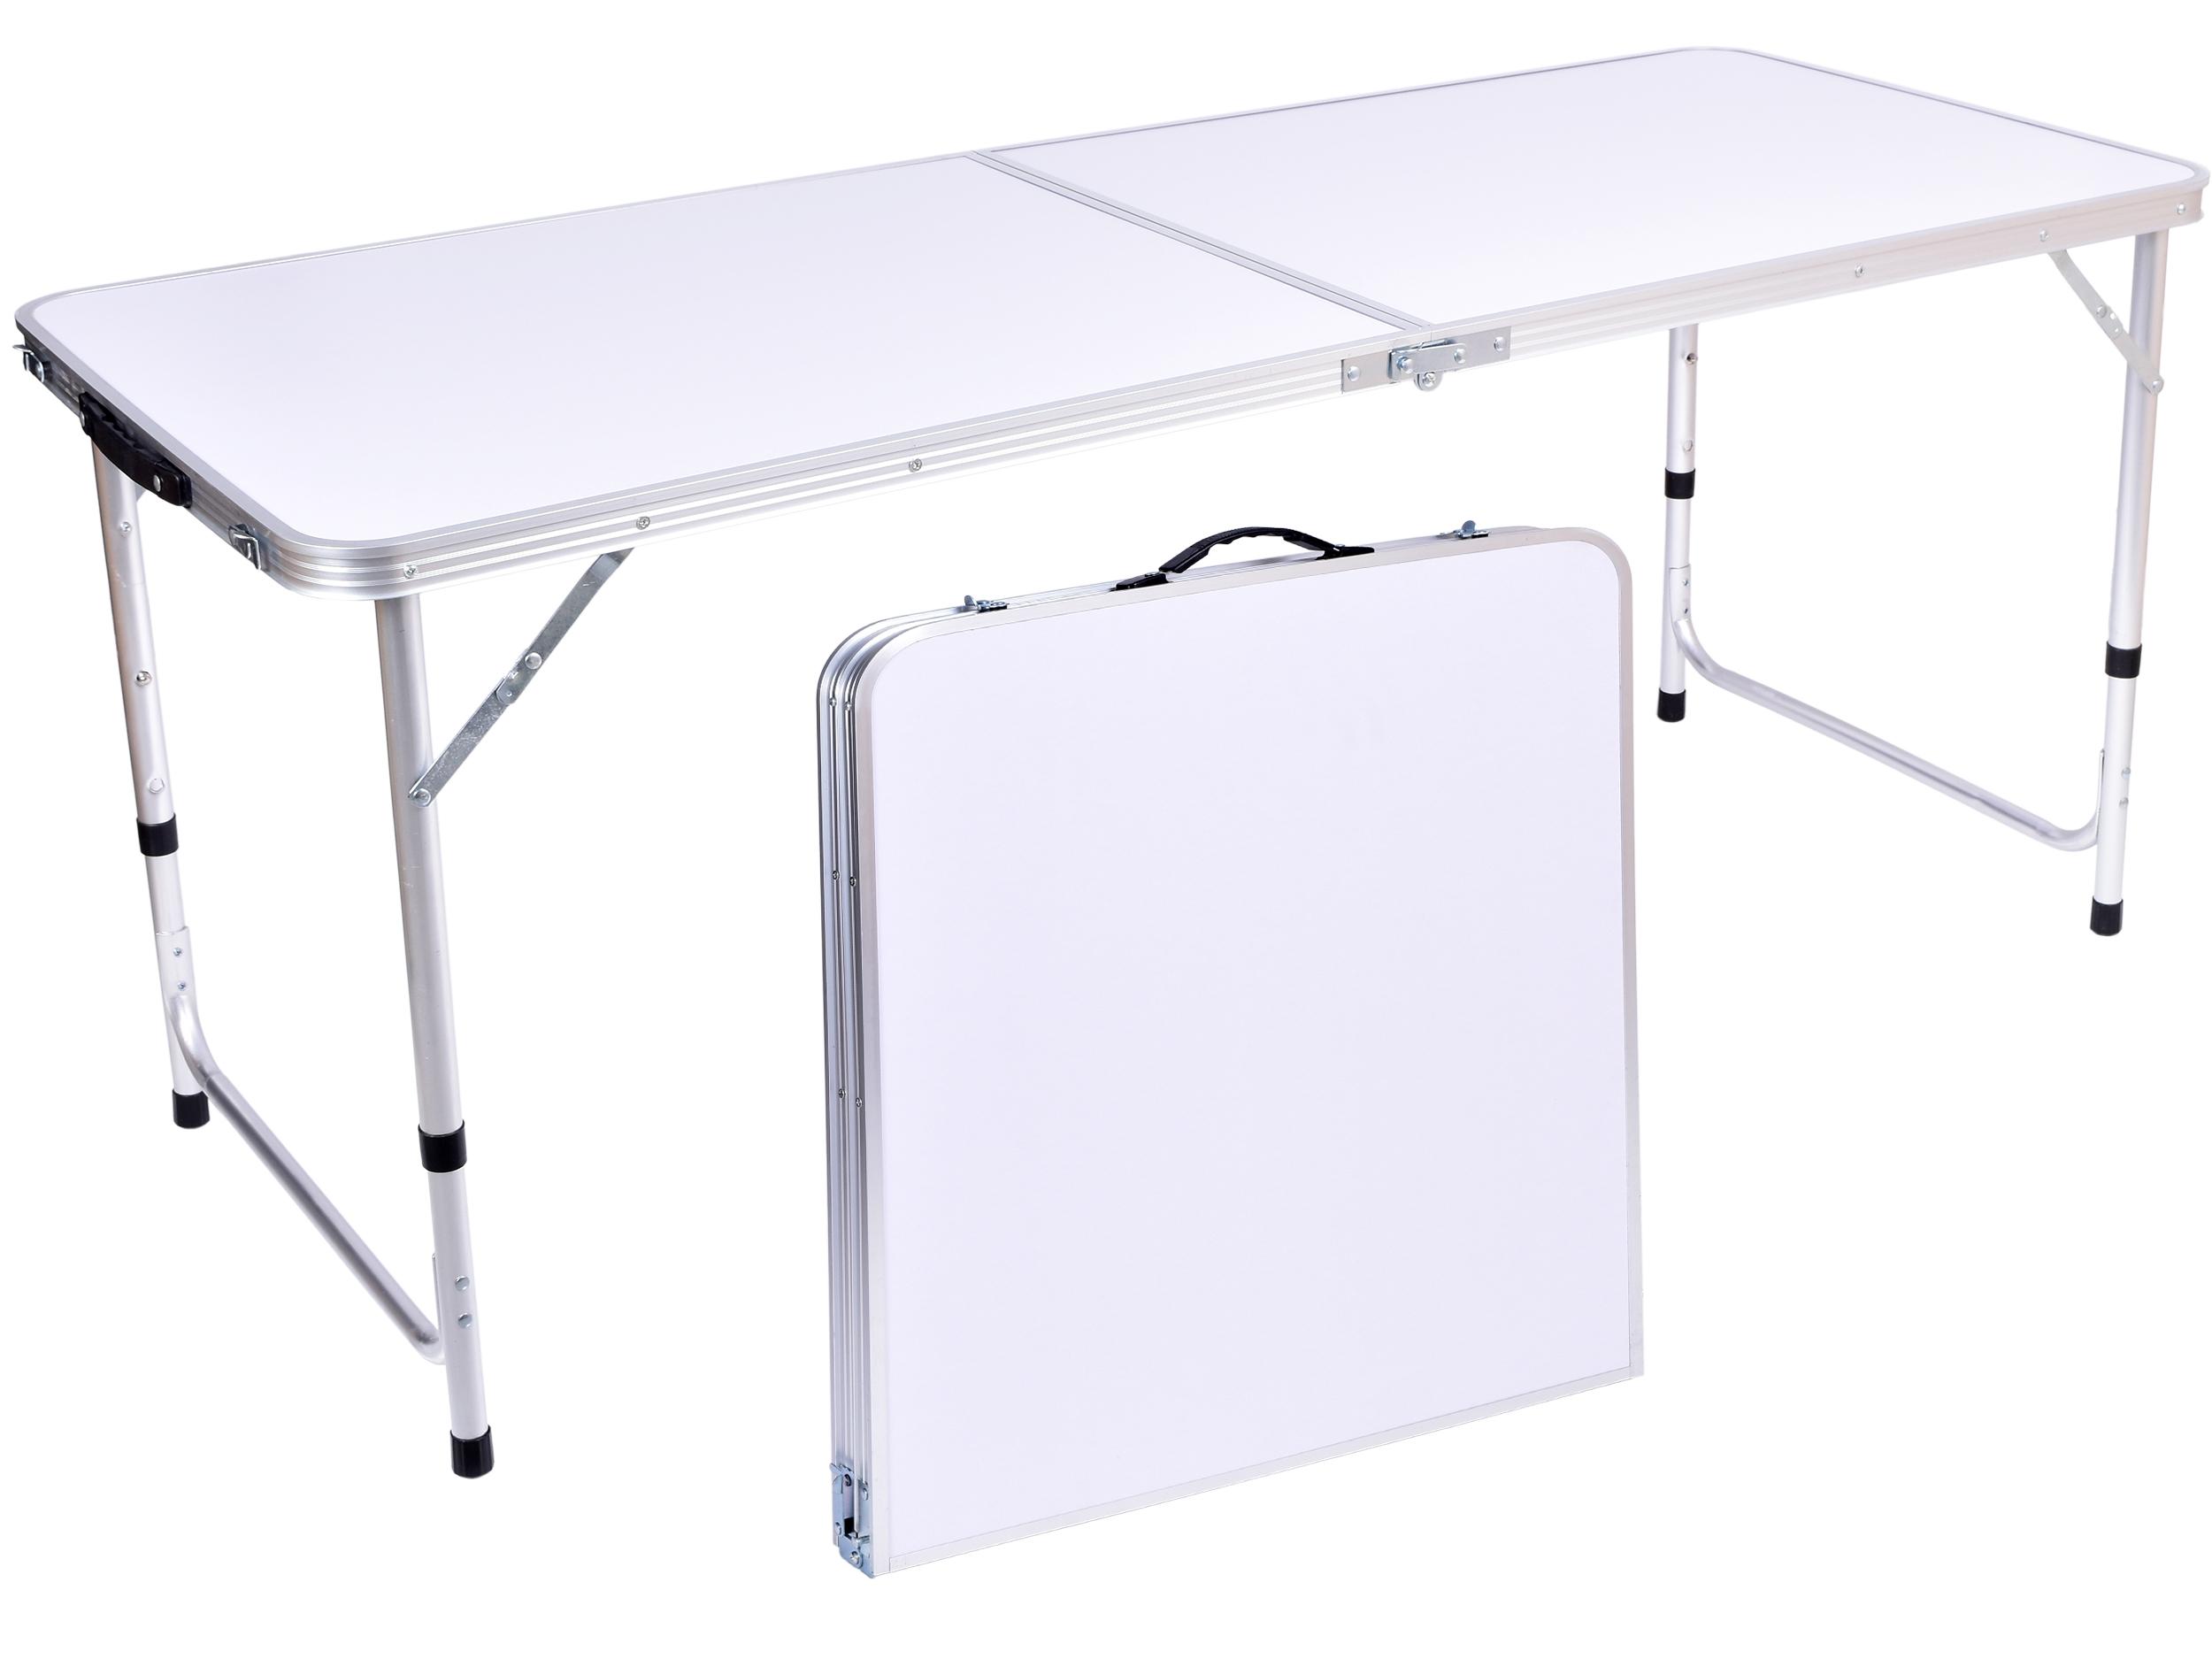 Stół Turystyczny Flow Kempingowy Składany 150x60 Cm Biały